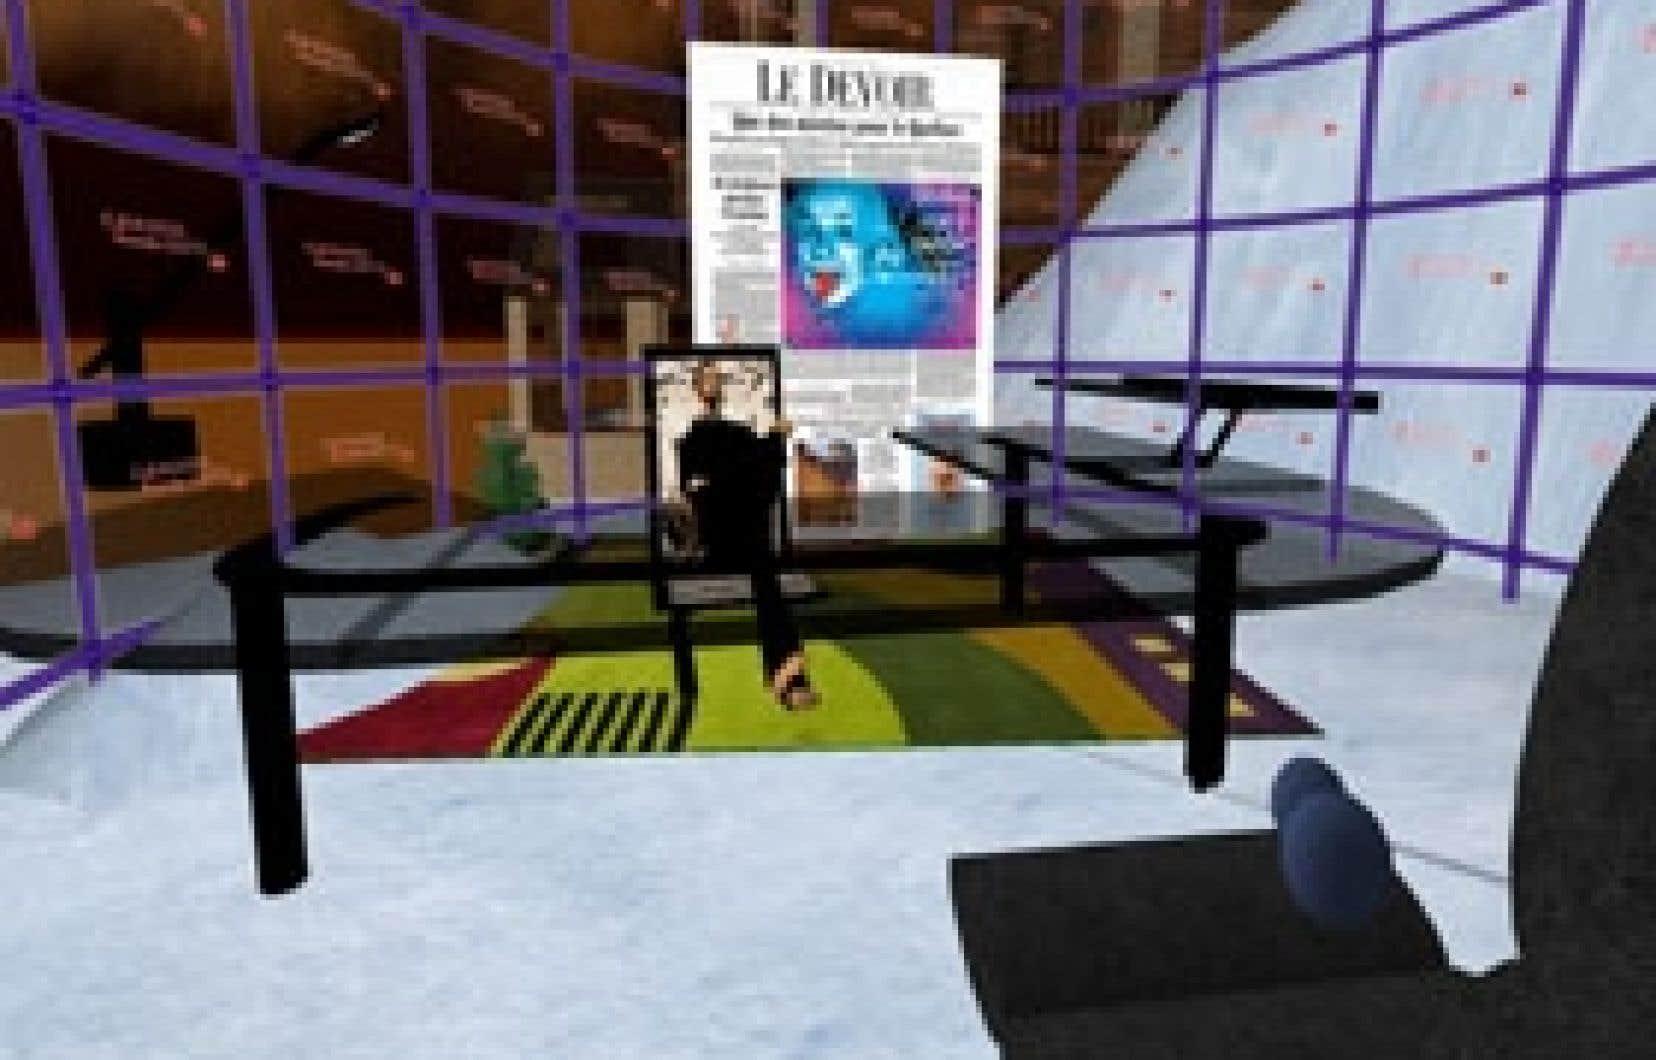 Fabien Qinan, le journaliste virtuel dépêché ces dernières semaines par Le Devoir dans Second Life, n'a pas eu de peine à se trouver un bureau, et même à le décorer à l'effigie du Devoir.